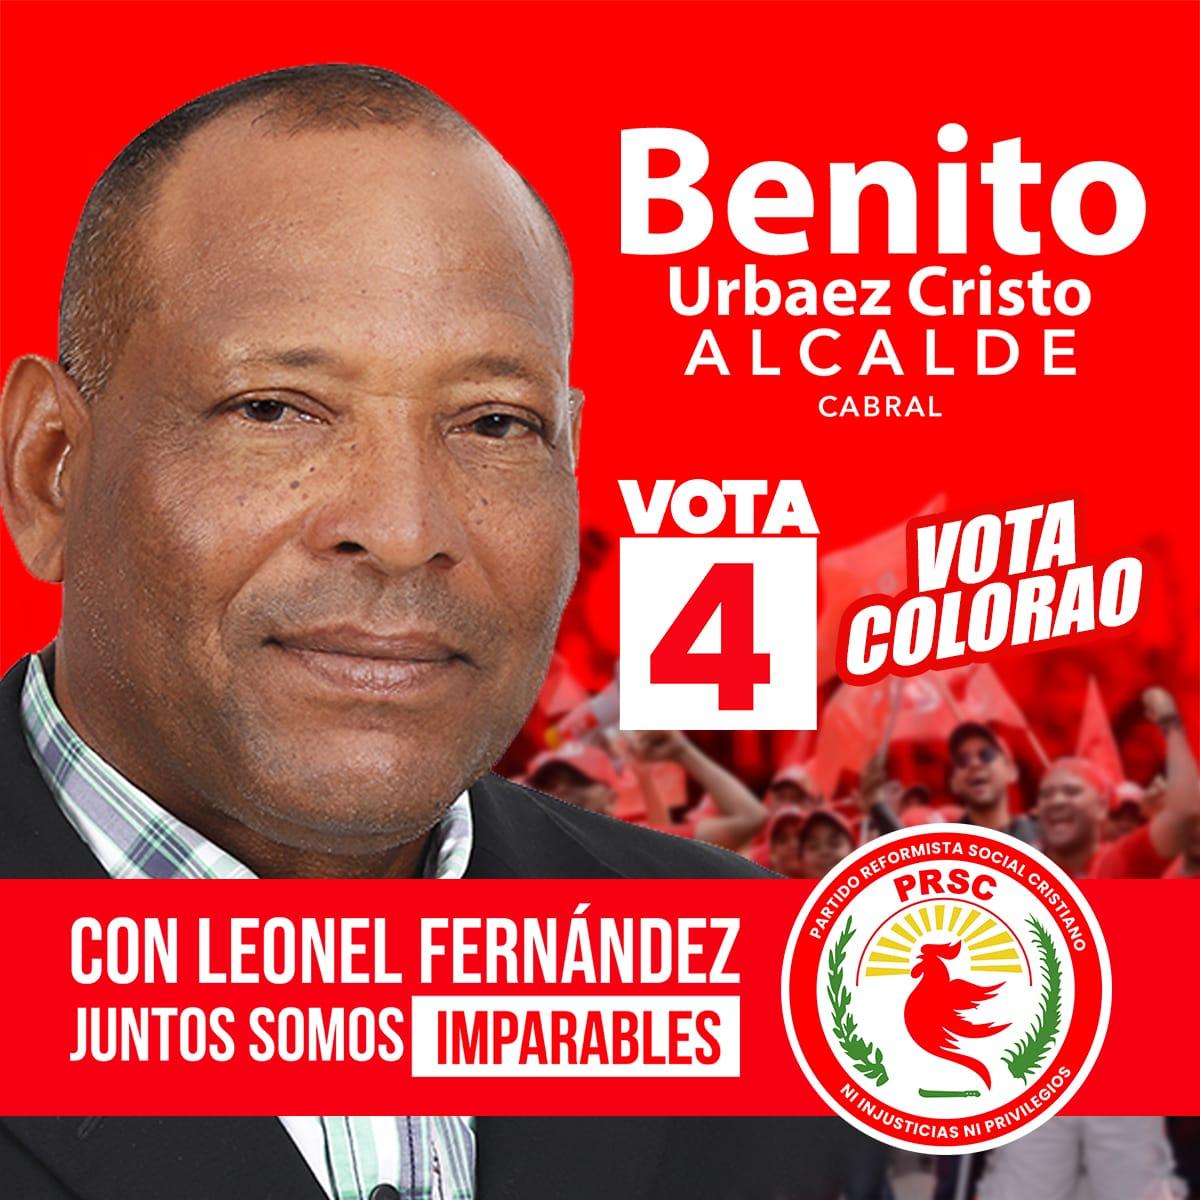 El renovado @partidoprsc y su presidente @quiqueantun junto al candidato presidencial @leonelfernandez y todos los aliados presentan al candidato a la alcaldía de Cabral, Benito Urbaez Cristo ¡VOTA COLORAO! ¡A paso de vencedores! #JuntosSomosImparables #BastaYa #Vota4pic.twitter.com/pjY8qv1kOK